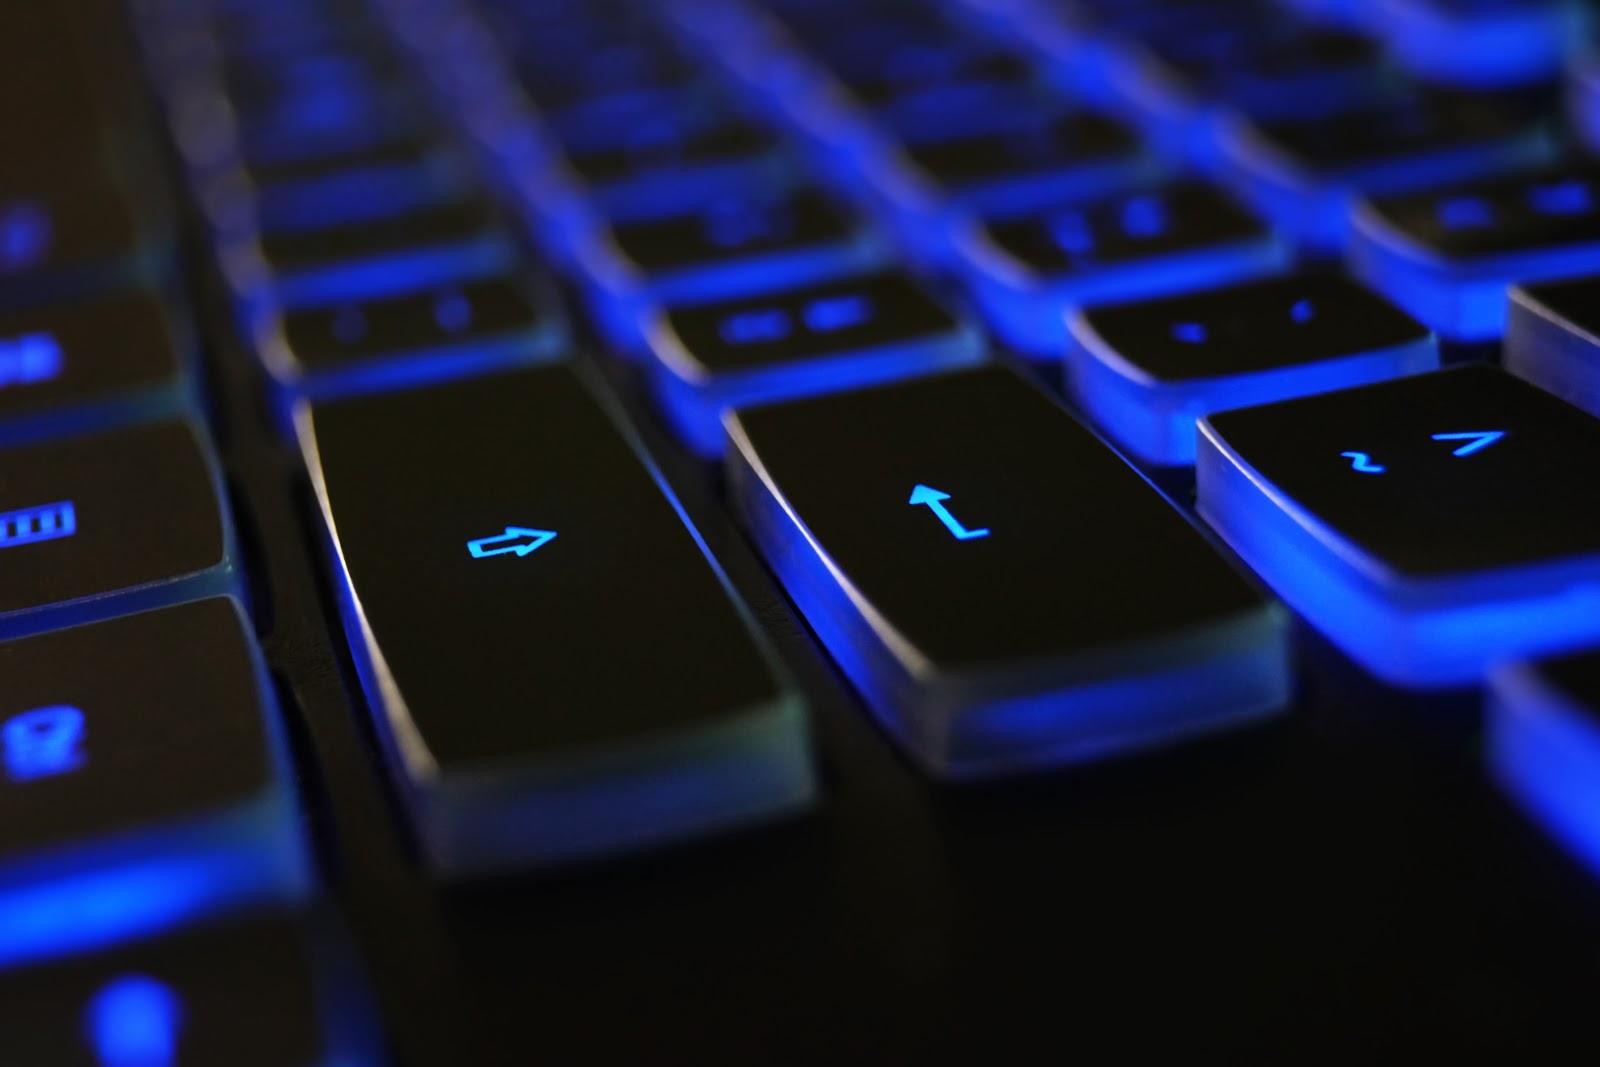 Cibersegurança nas empresas: Entenda porque todas as empresas estão investindo